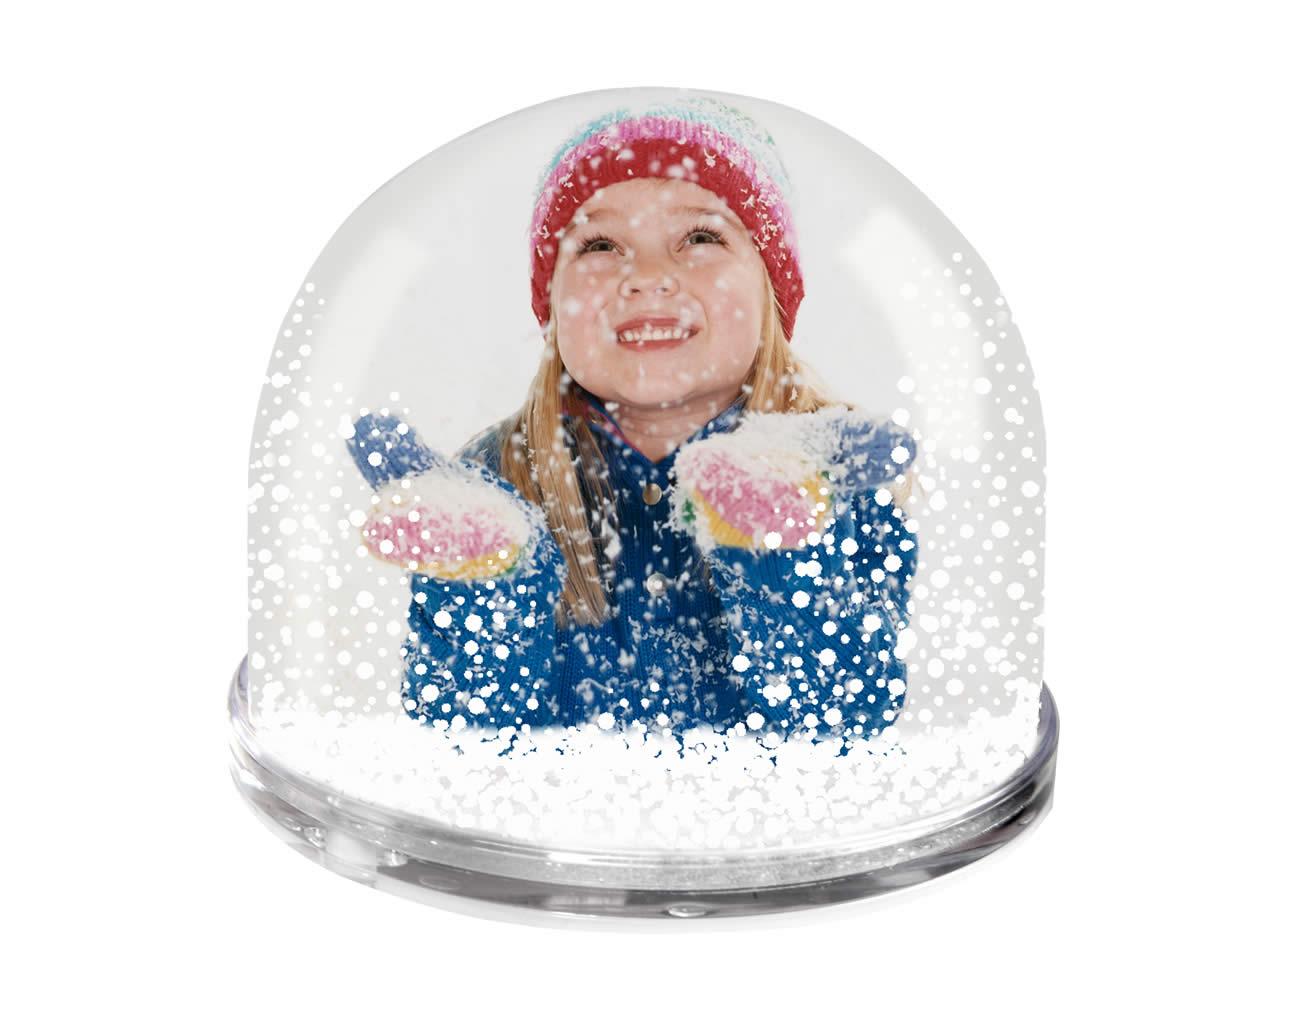 фотография в снежном шаре